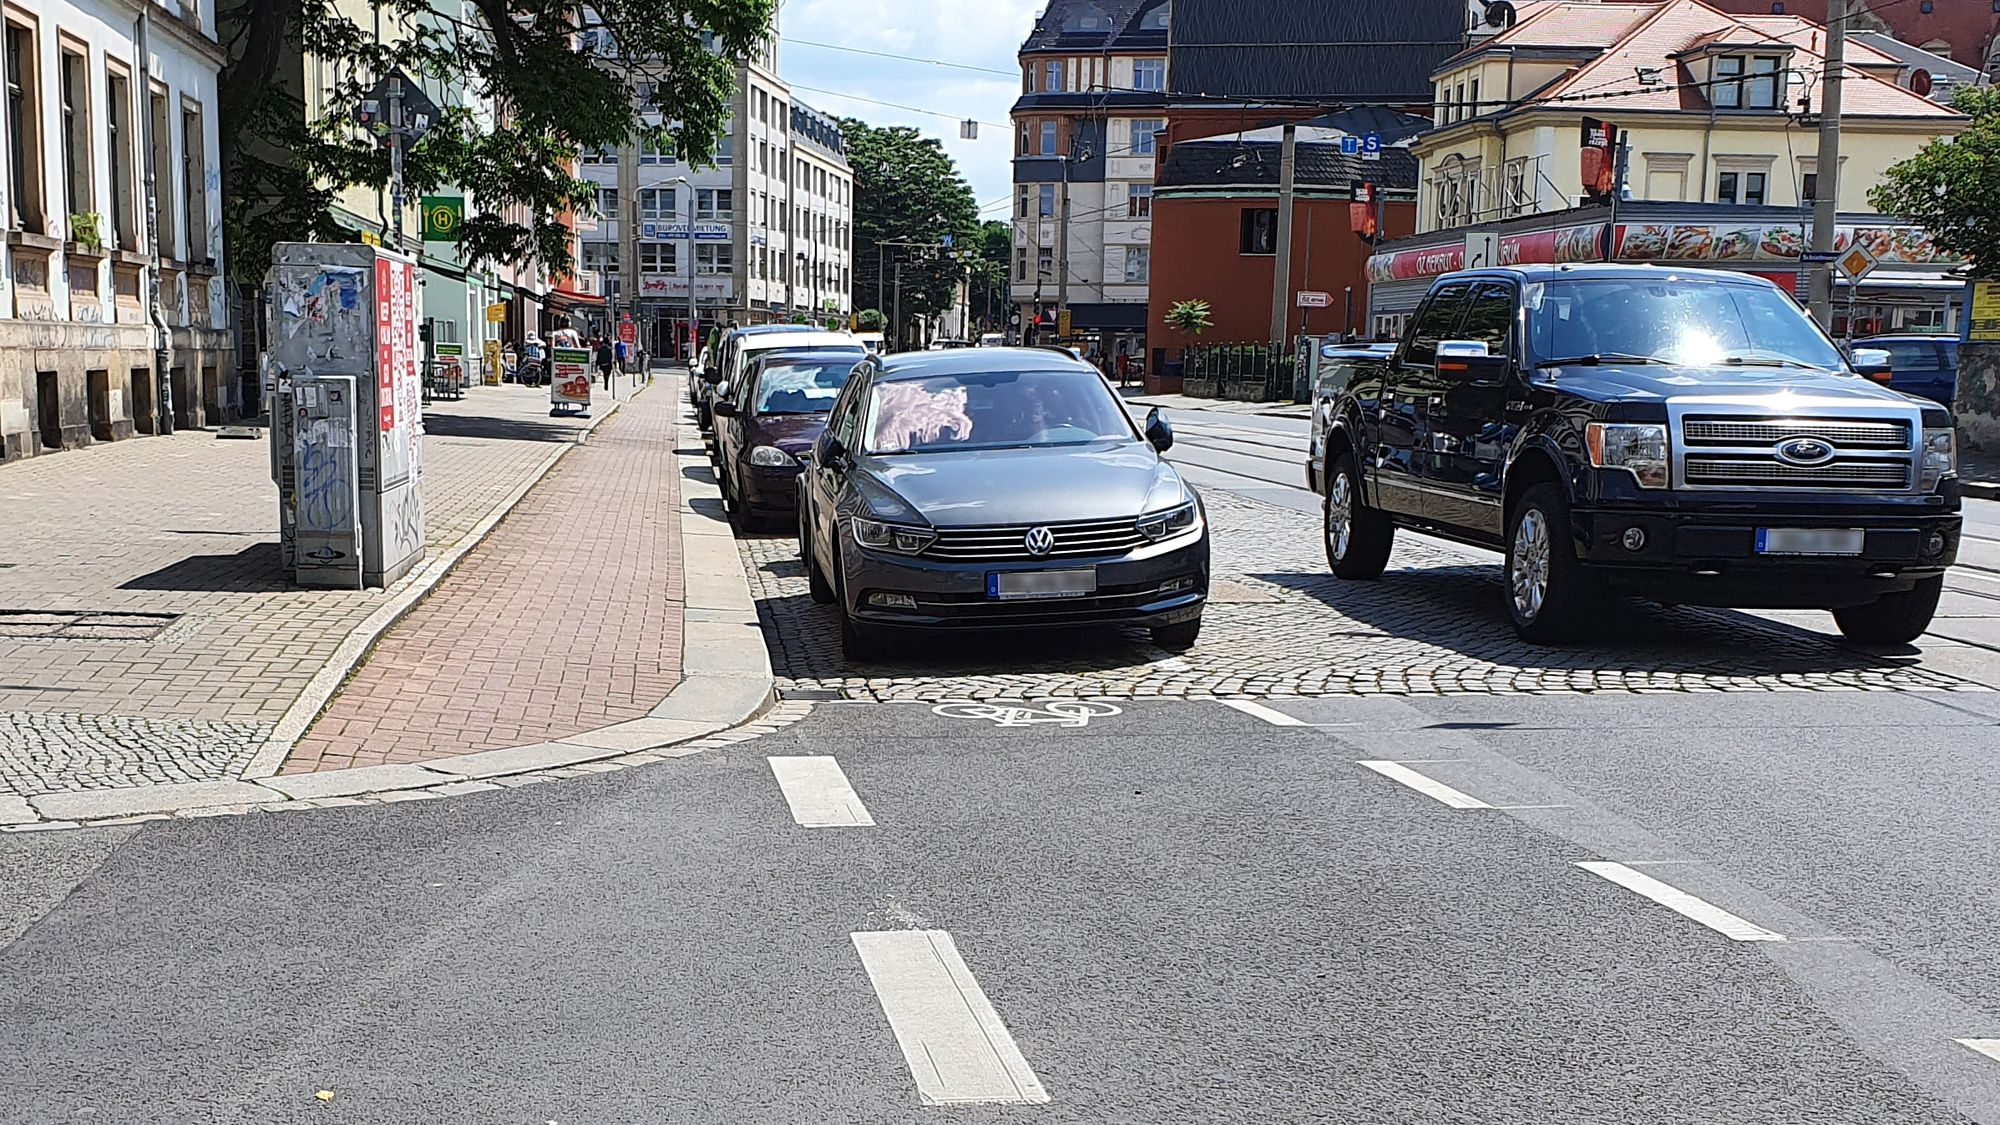 Links Fußweg in Radweg-Optik, rechts Radweg in Parkplatzoptik